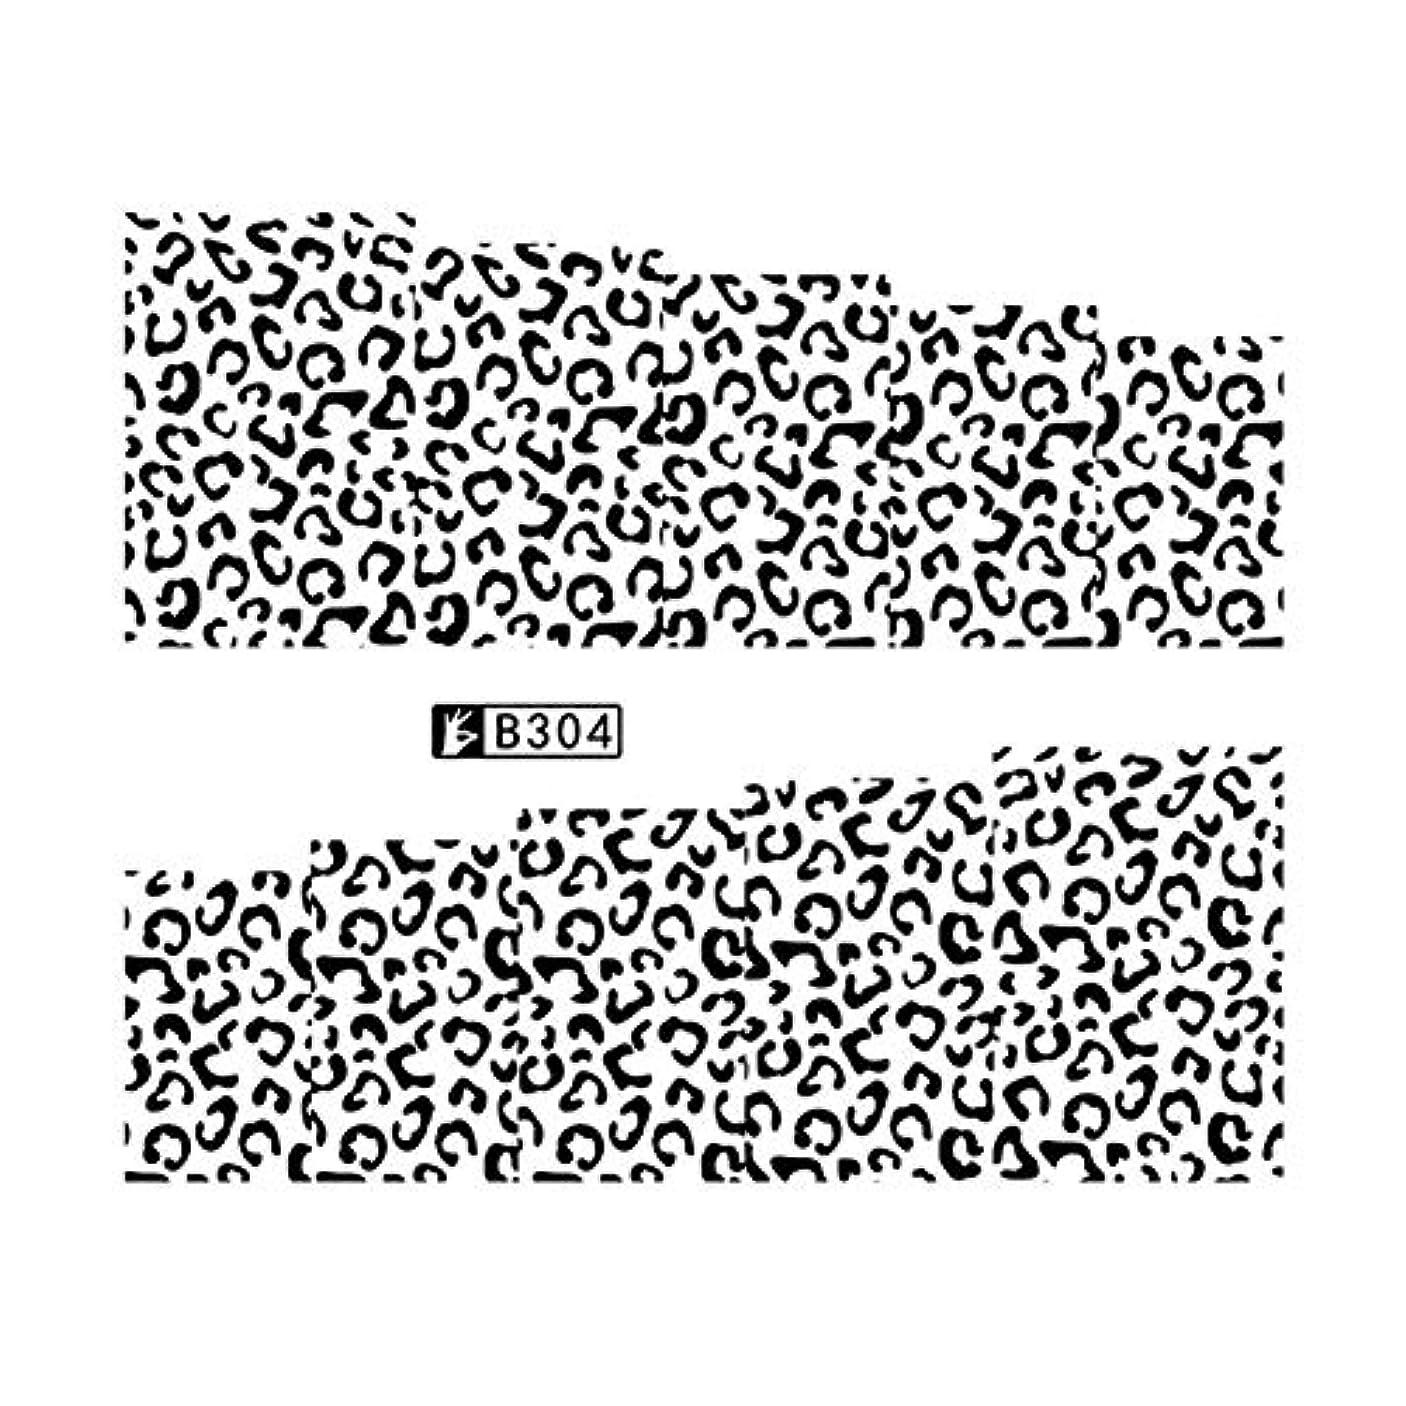 慣れている関係する偽善者LITI ネイルシール 動物のヒョウ柄 レオパード柄 アニマル柄 豹柄 転印シール ネイルステッカー 可愛いネイル飾り 3Dネイルシール テープ ネイル パーツ